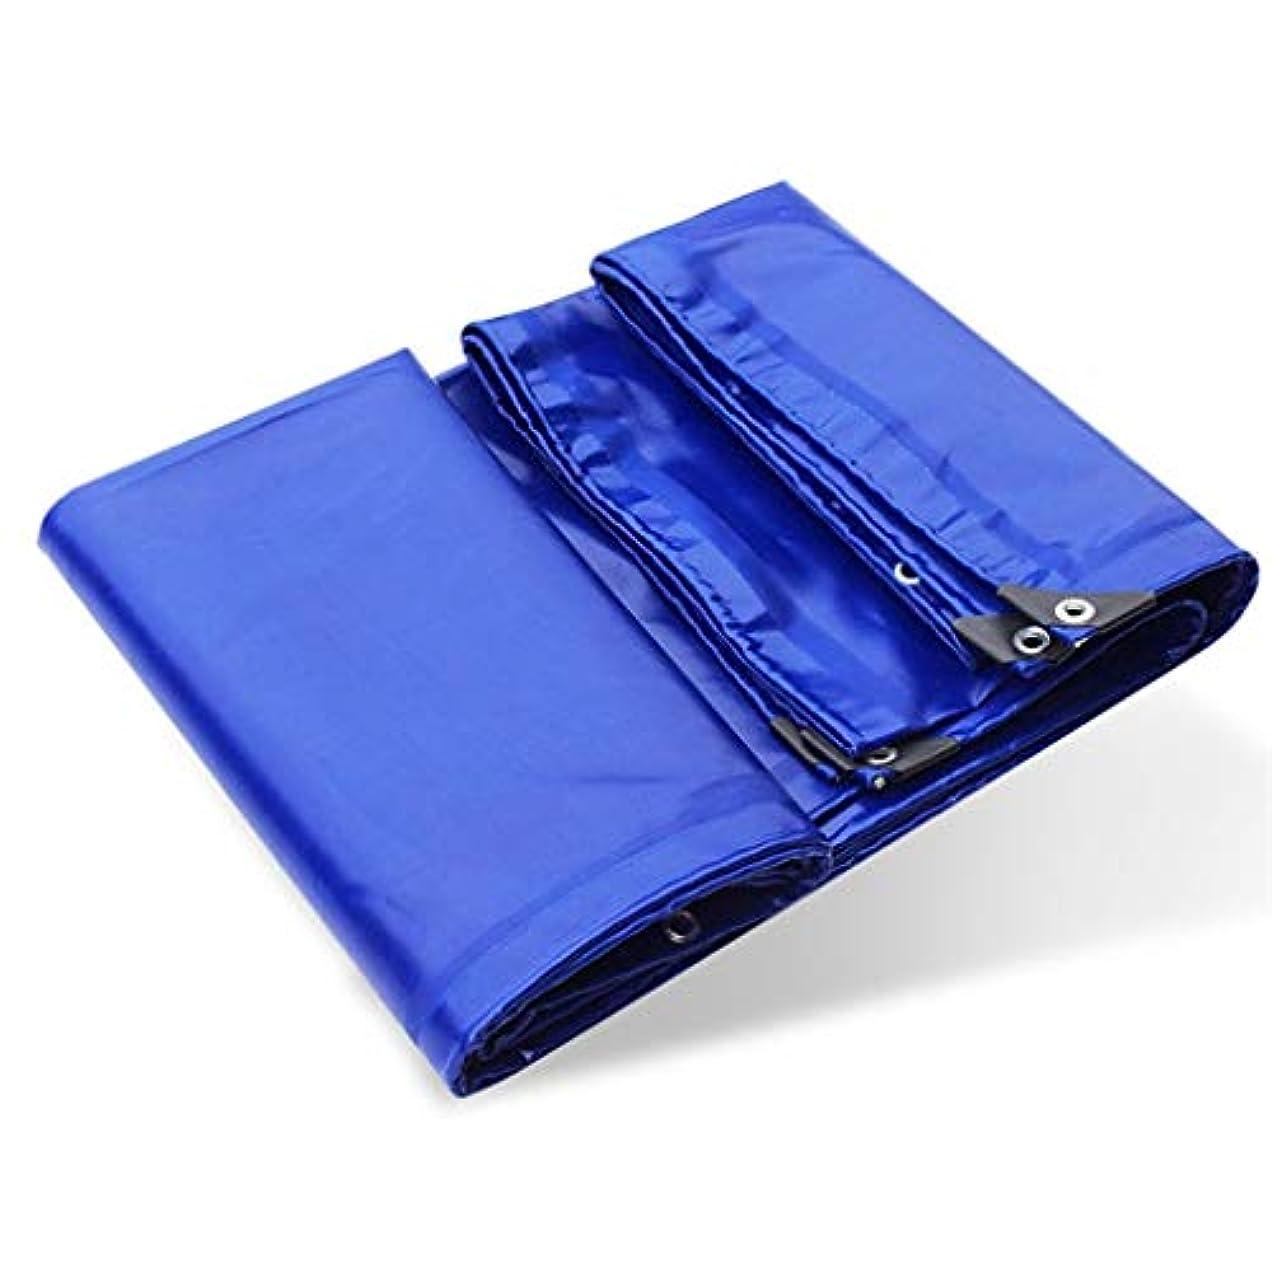 休憩する直立争いJuexianggou PVC防水ターポリン - グロメット付きの防水、UV耐性、腐敗、裂け目、裂け目に強いタープ、キャンプアウトドア用の強化エッジ - ブルー 防水テントタープ